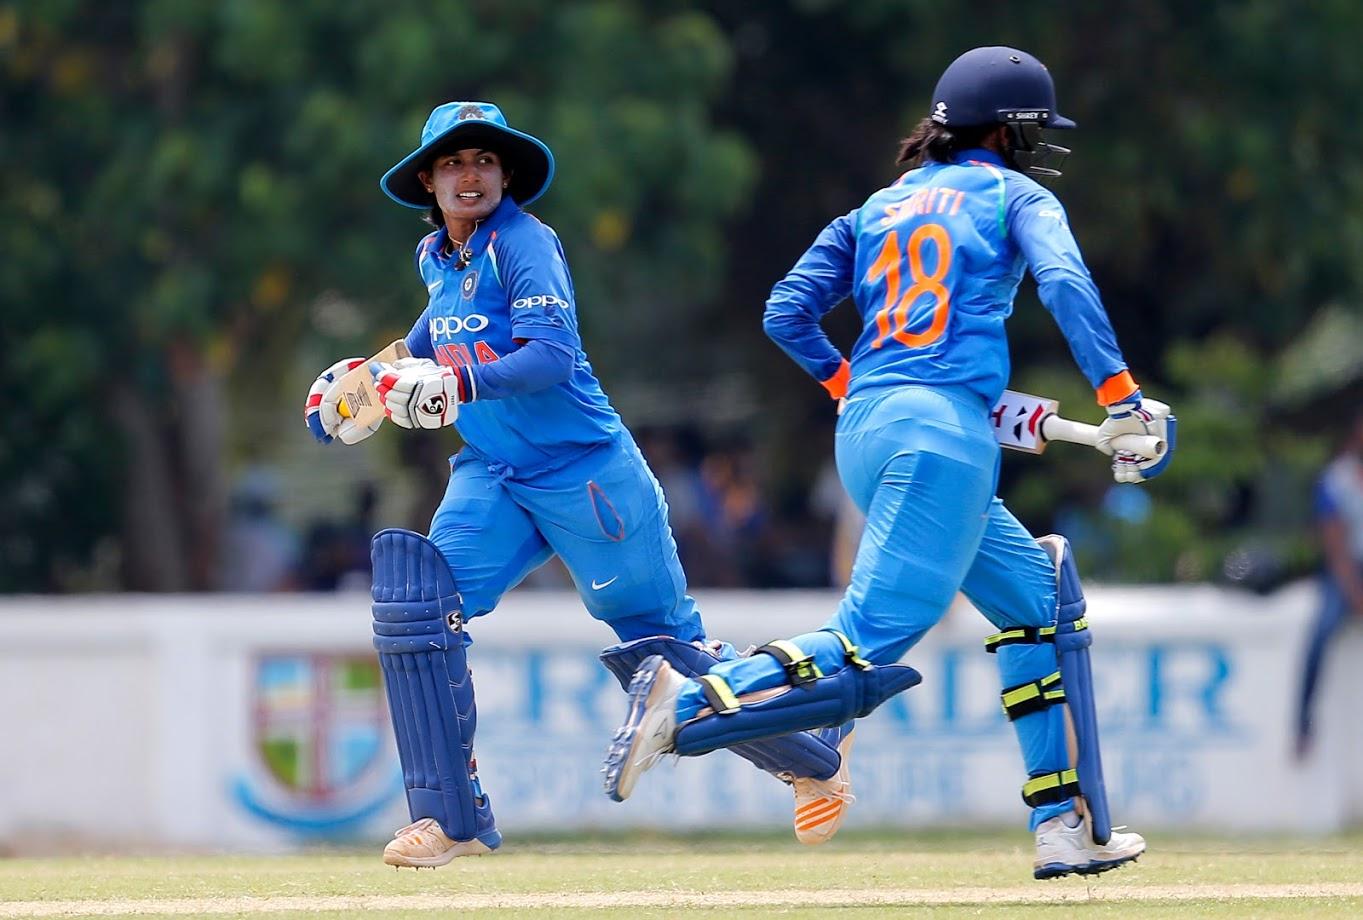 तिसऱ्या टी२० सामन्यात आयर्लंडविरुद्ध मितालीने अर्धशतकी खेळी खेळली. या सामन्यात हरमनने फक्त ७ धावा केल्या. भारताने हा सामनाही एकहाती जिंकला होता.